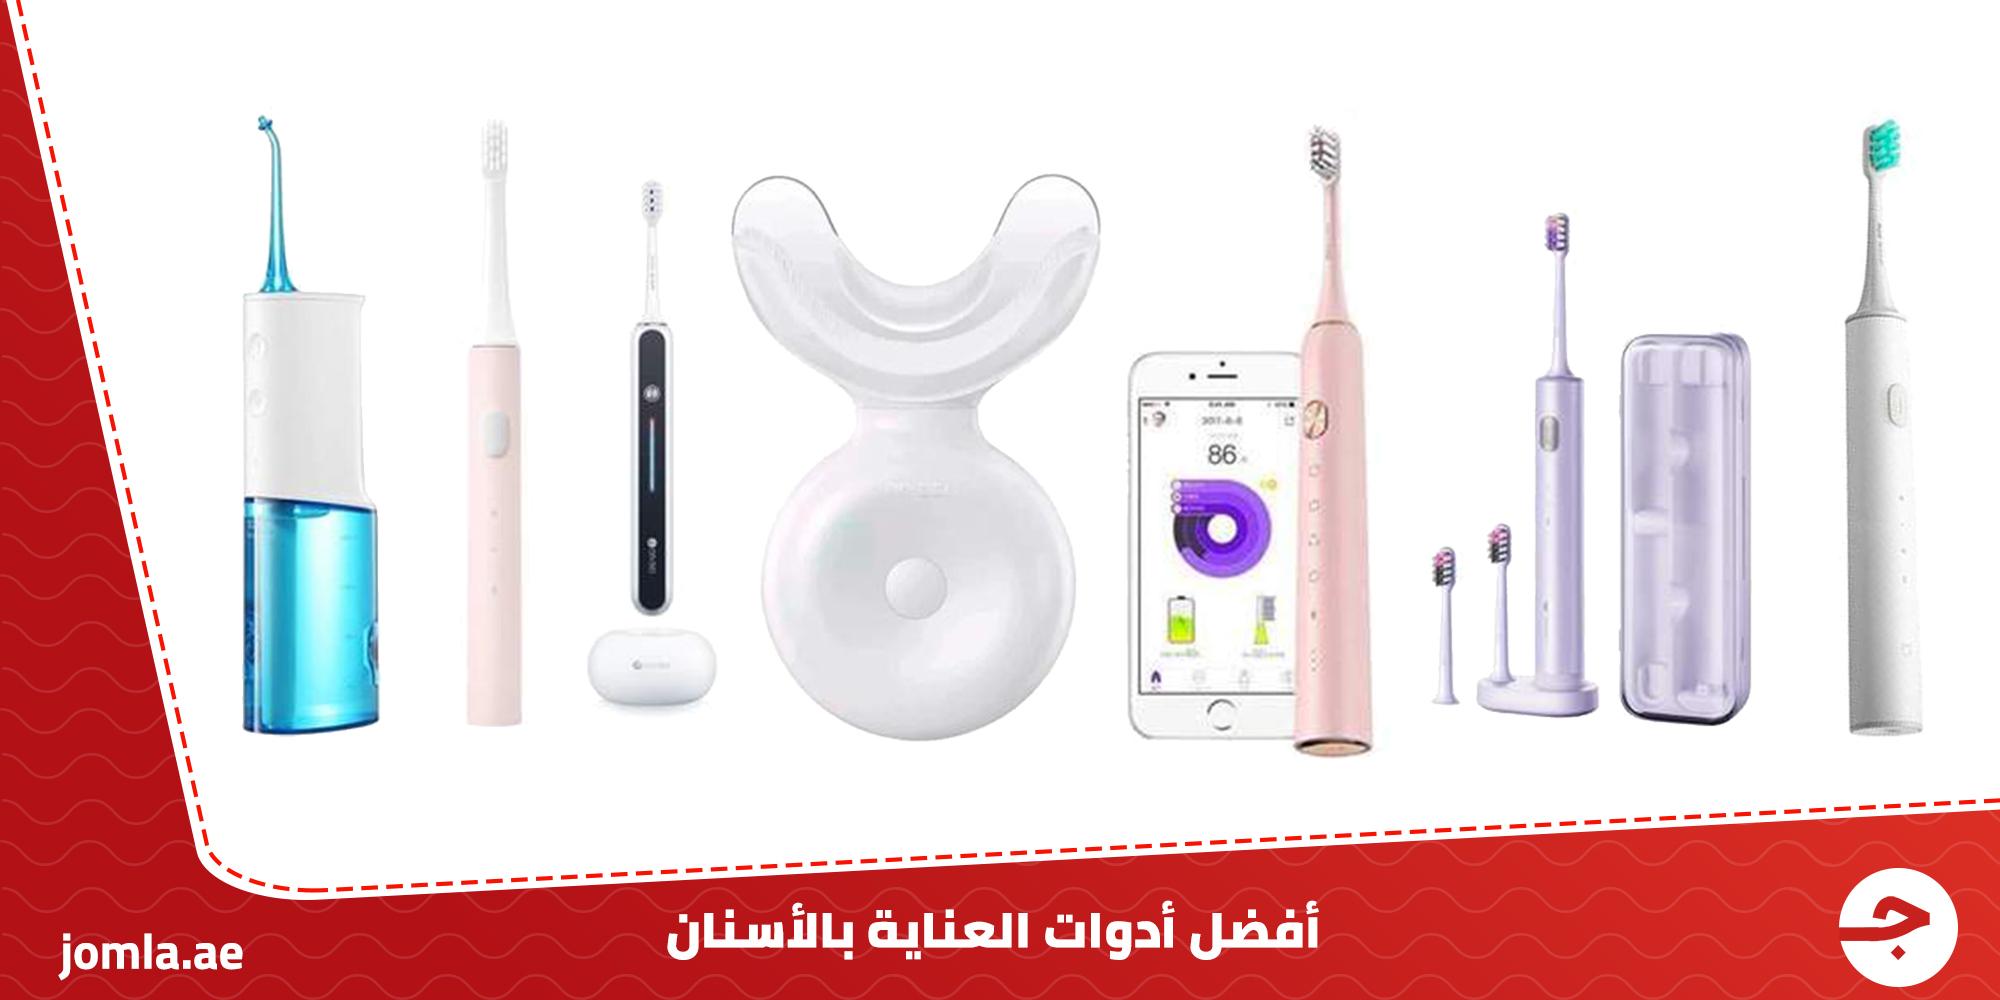 أفضل أدوات العناية بالاسنان لعام 2020